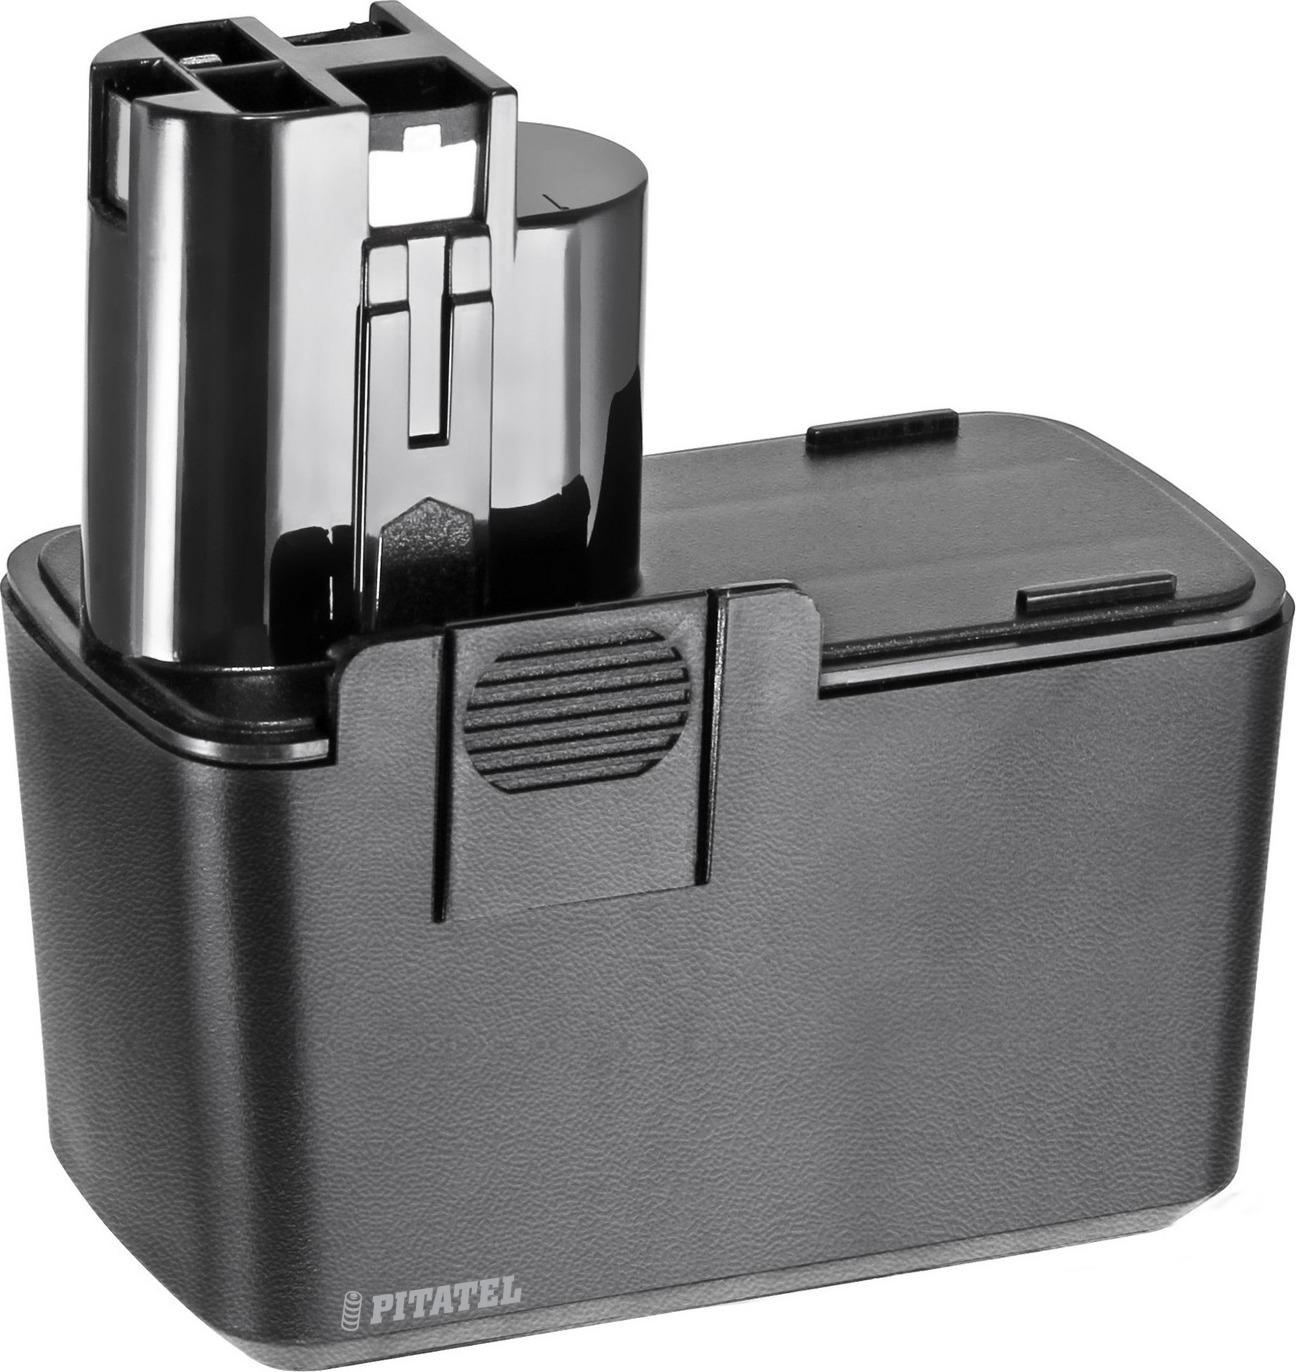 Аккумулятор для инструмента Pitatel для BOSCH. TSB-047-BOS96B-13C батарейки sony 335 sr512swn pb 1шт